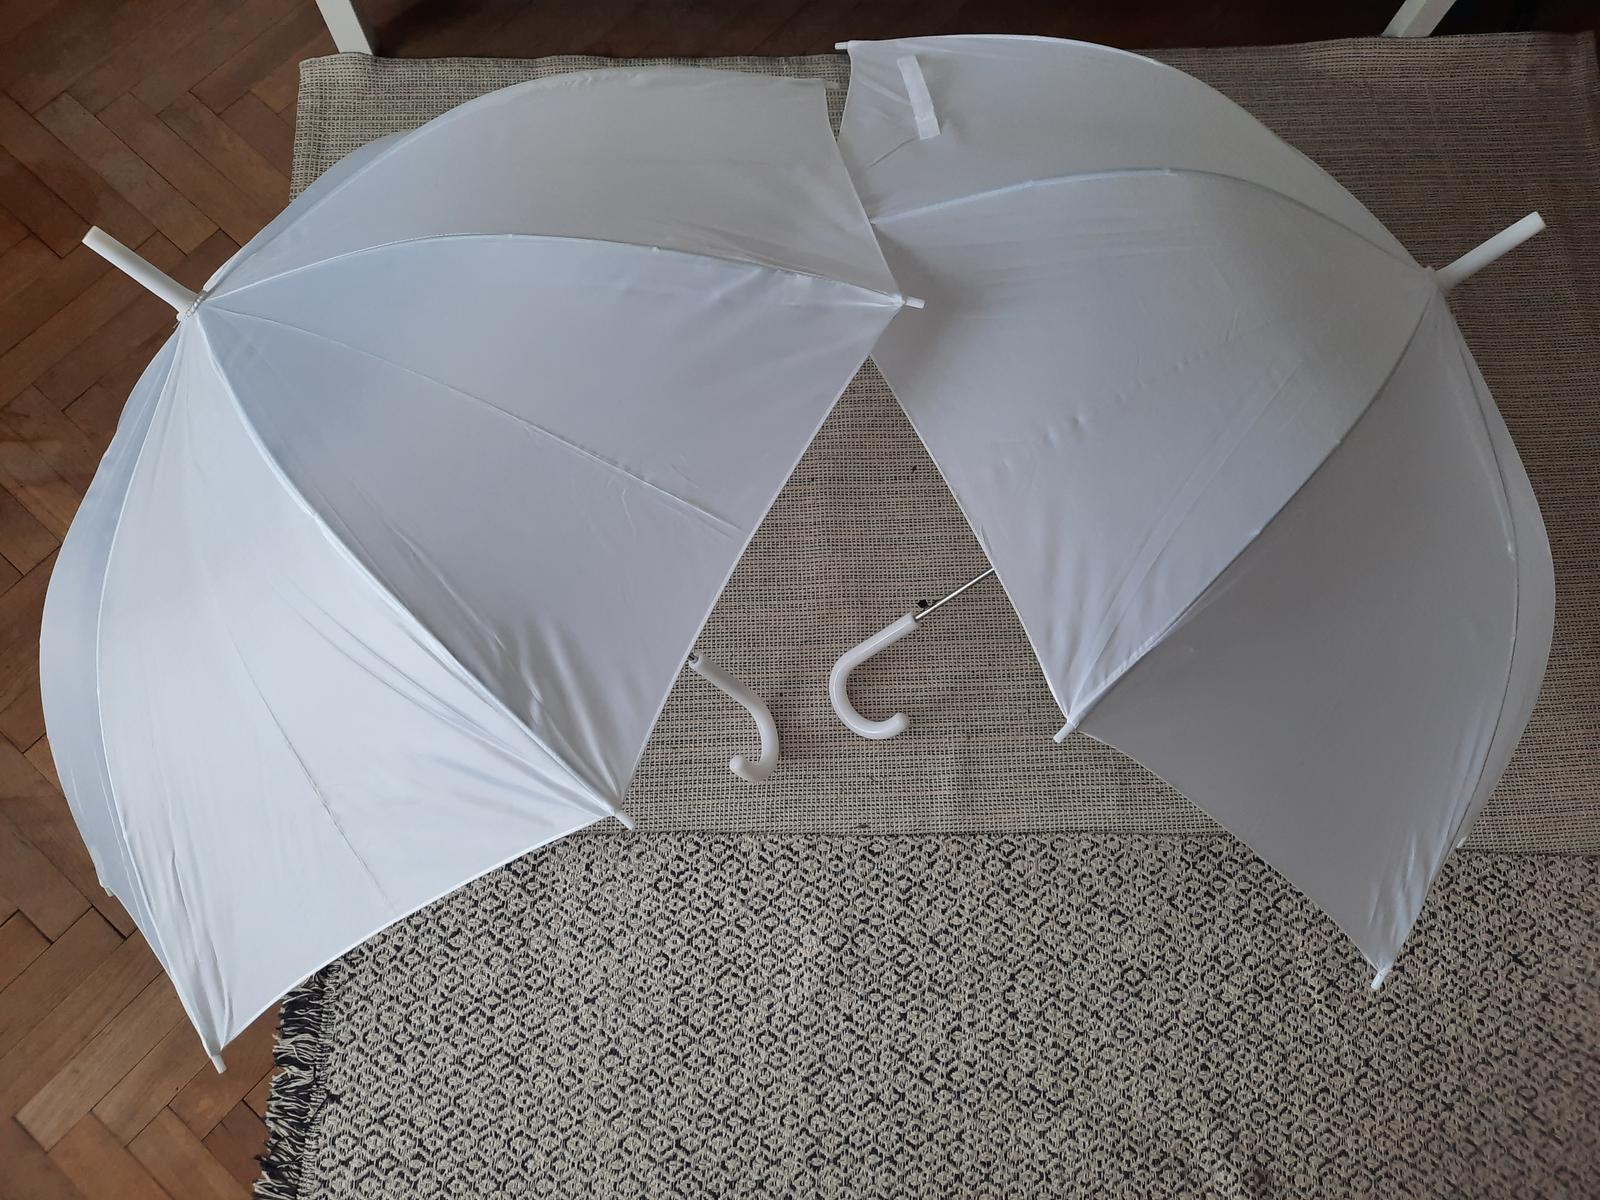 Bílé deštníky 2 ks - Obrázek č. 3